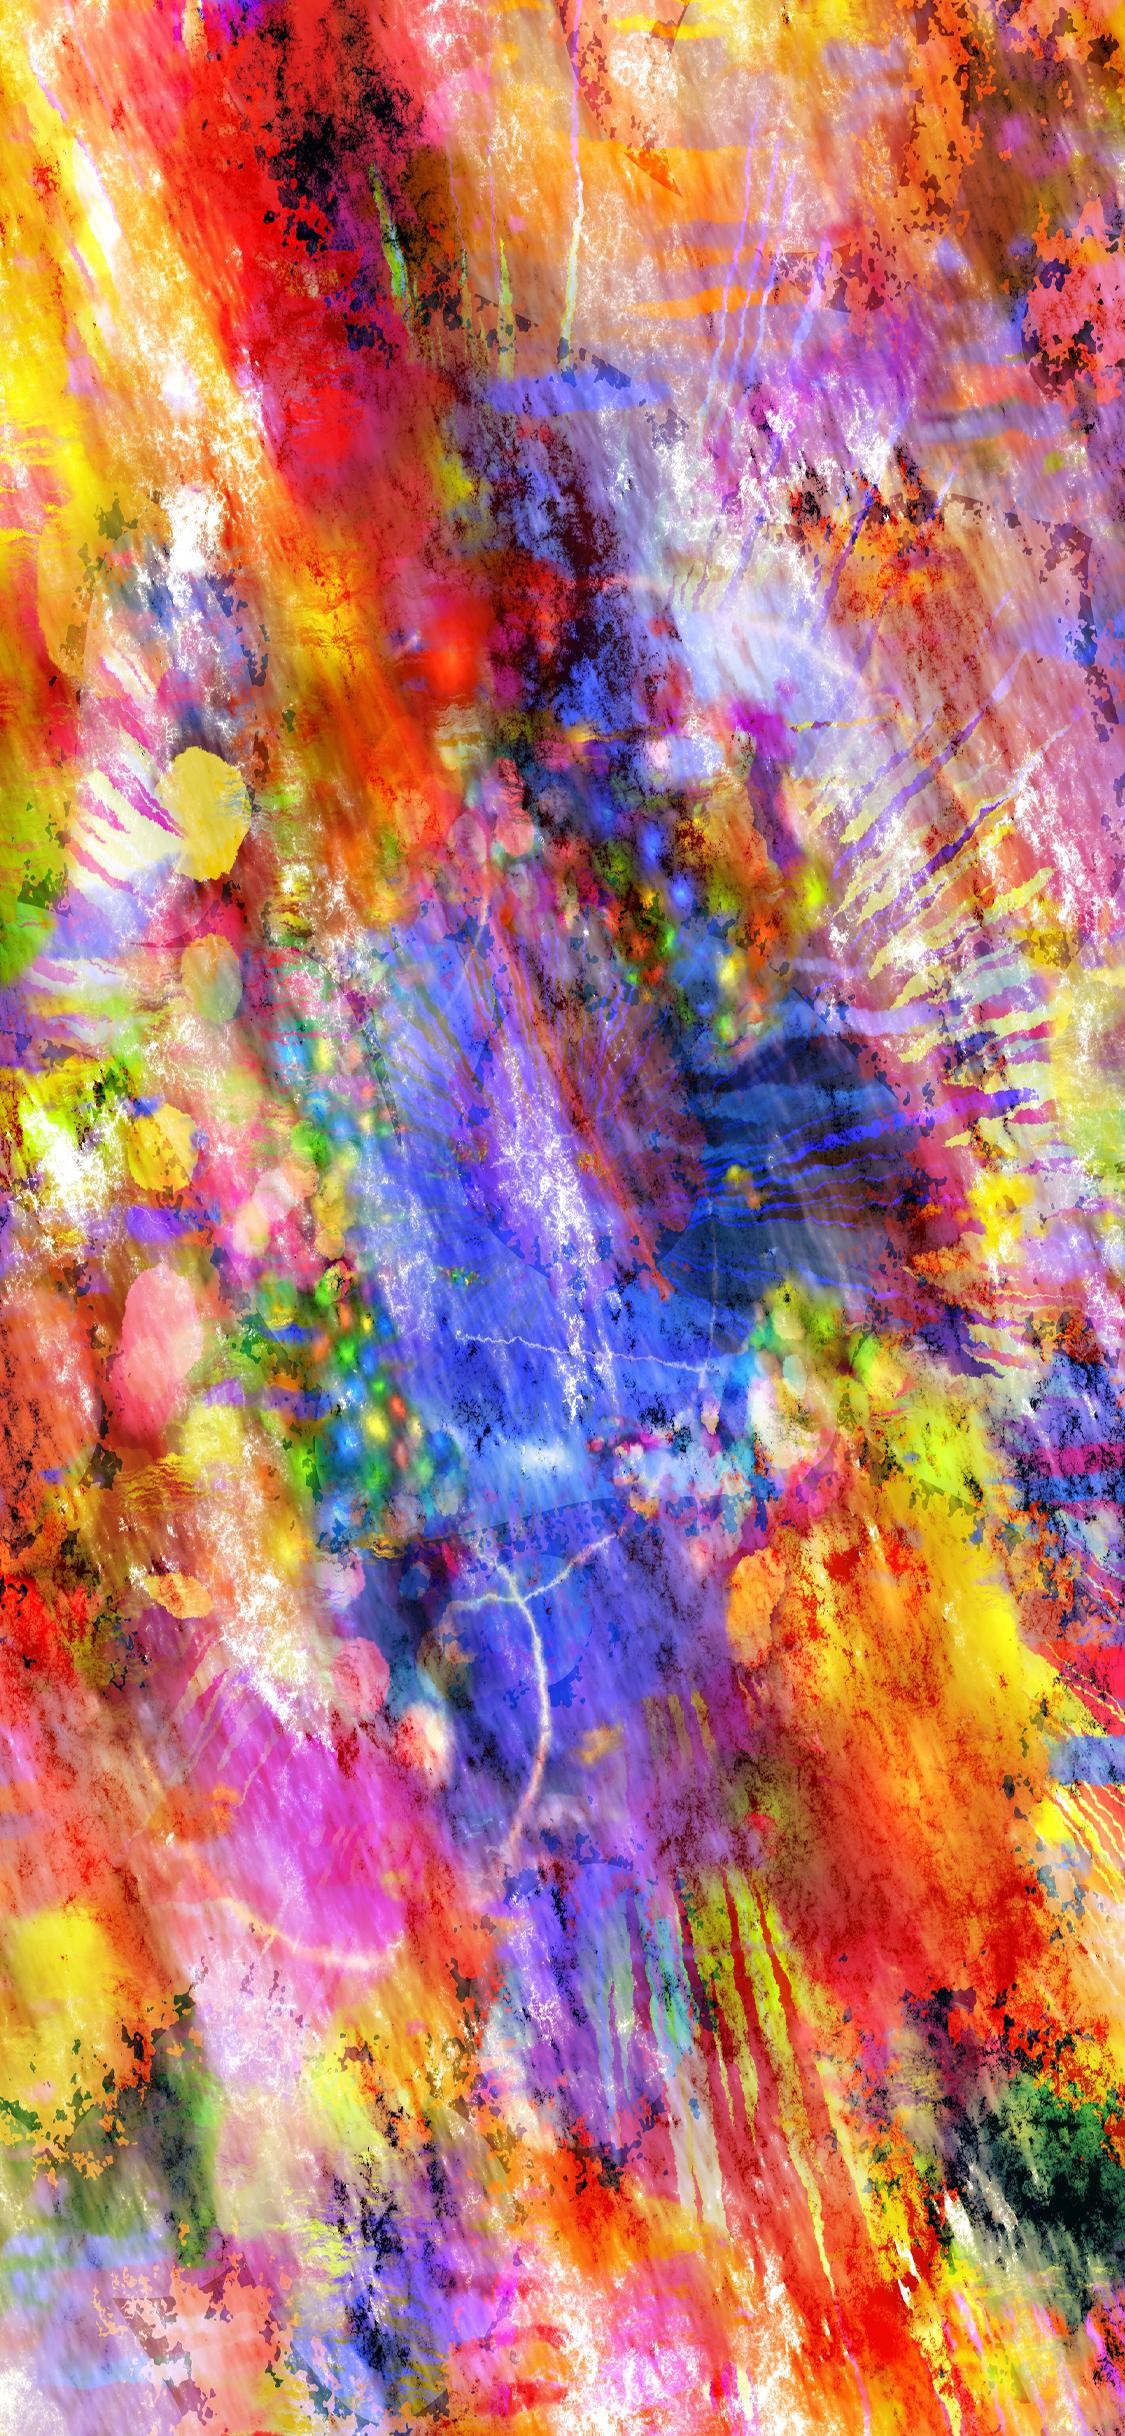 Tapety Tygodnia 2019 W Kolorowych Barwach Thinkapple